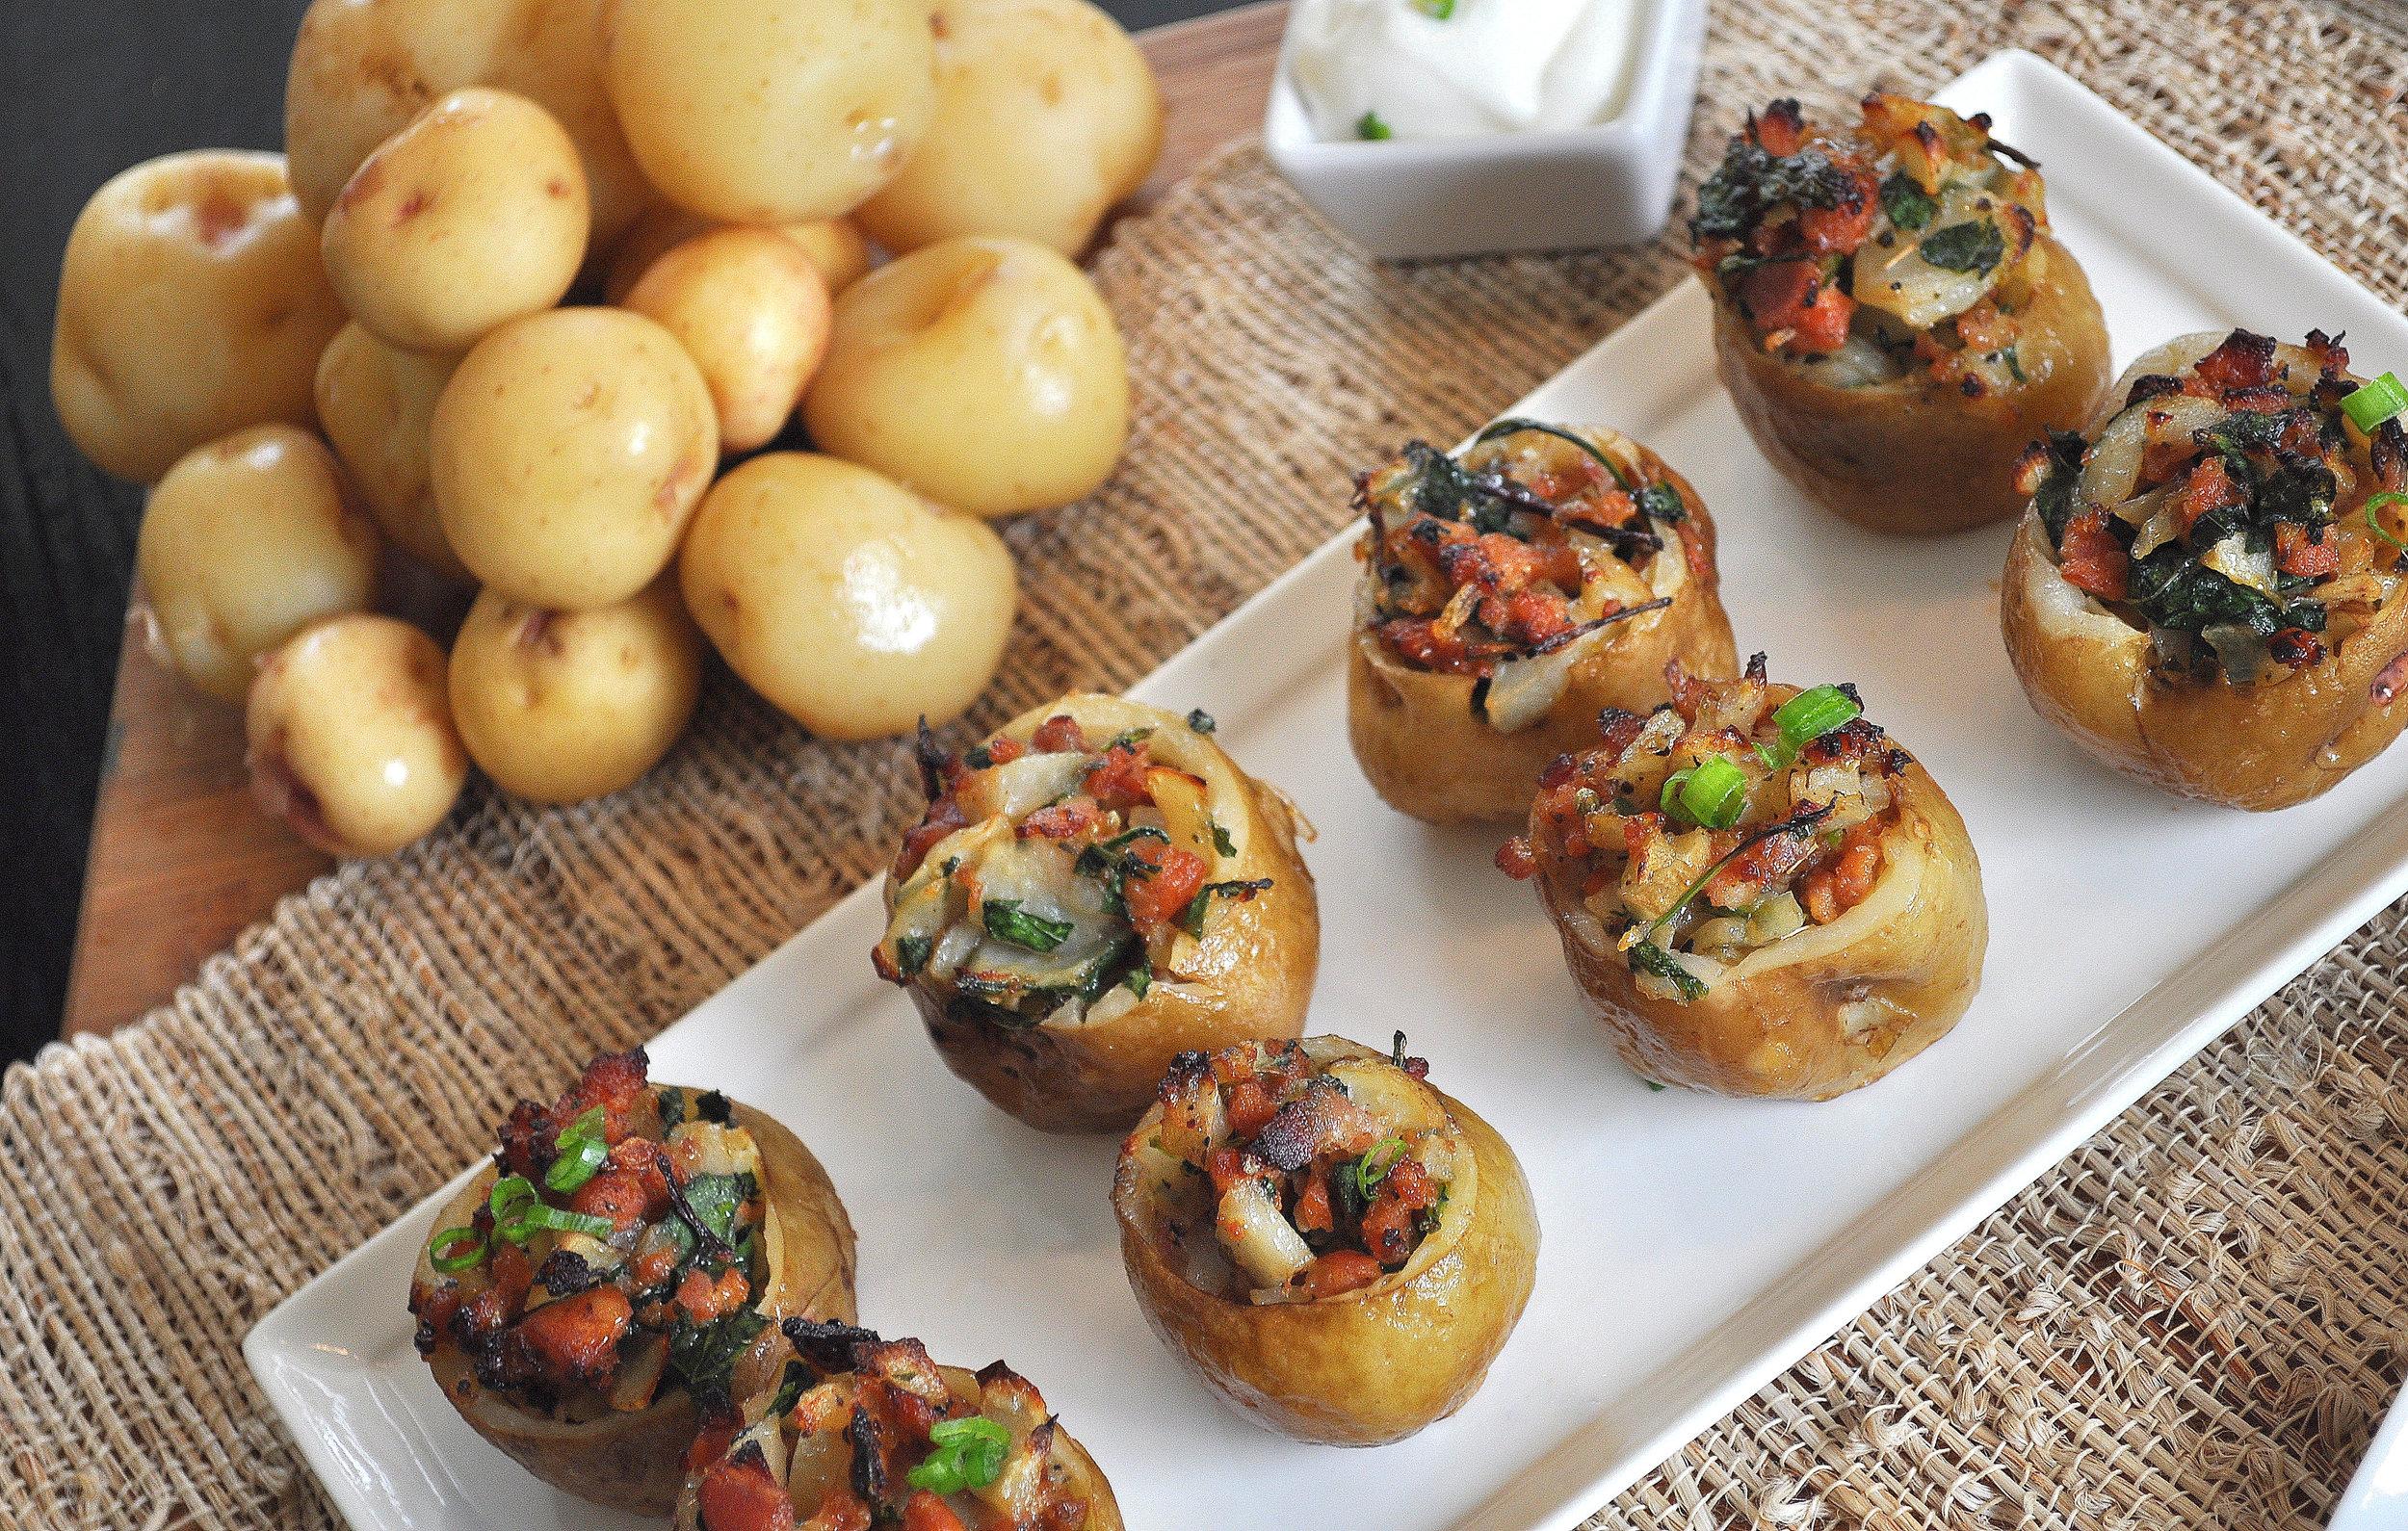 Chorizo and Kale Stuffed Potatoes